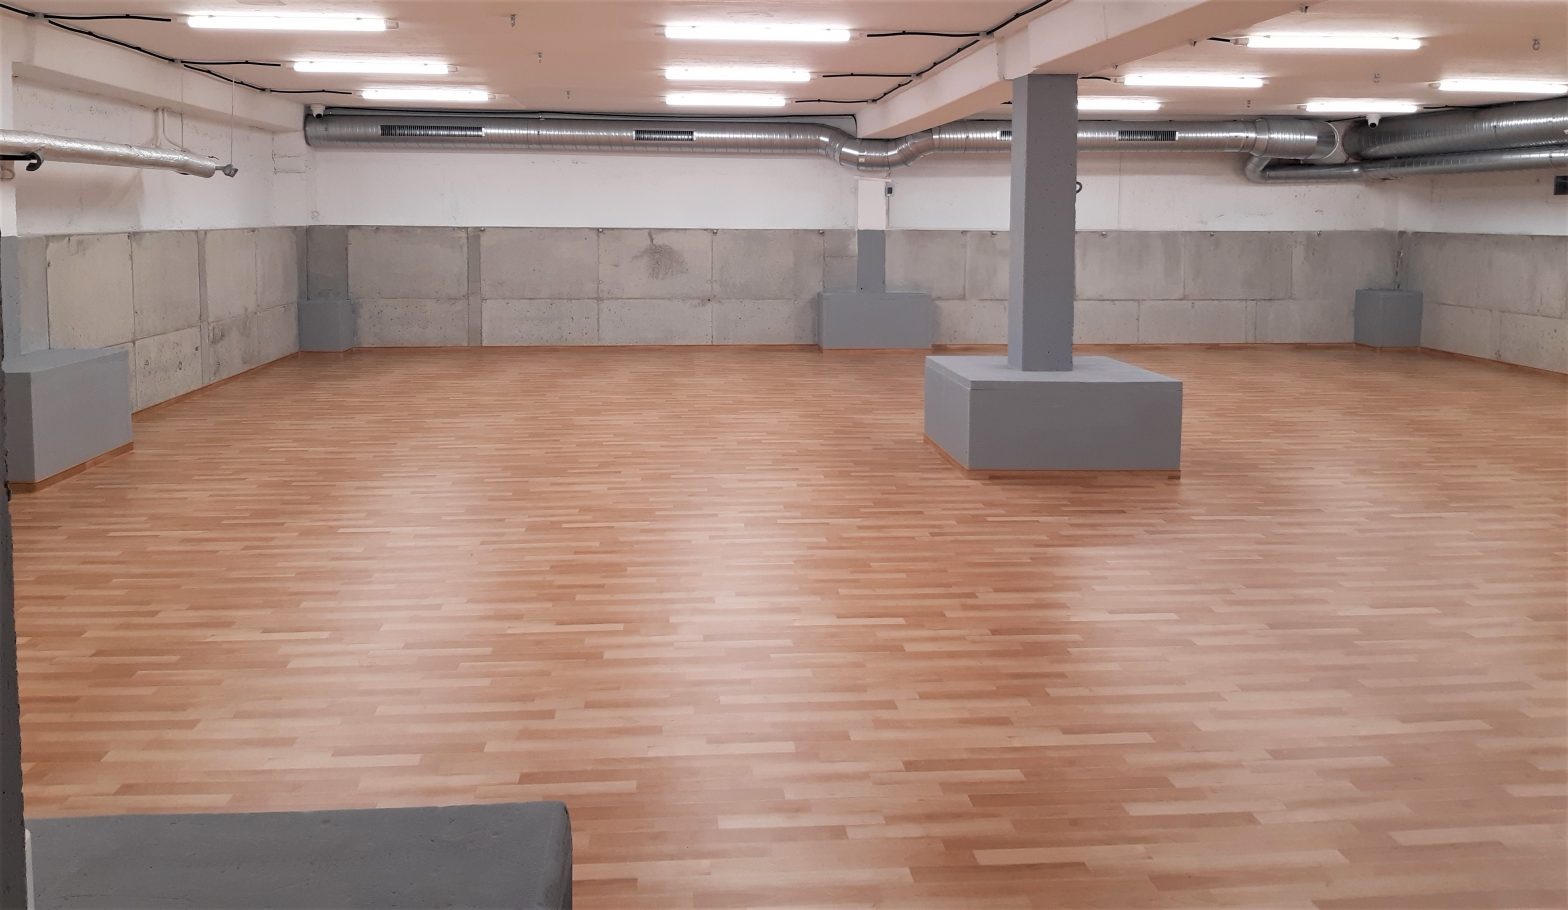 Vilniaus Baltupių progimnazijos rūsyje – moderni salė ne tik karatė aistruoliams